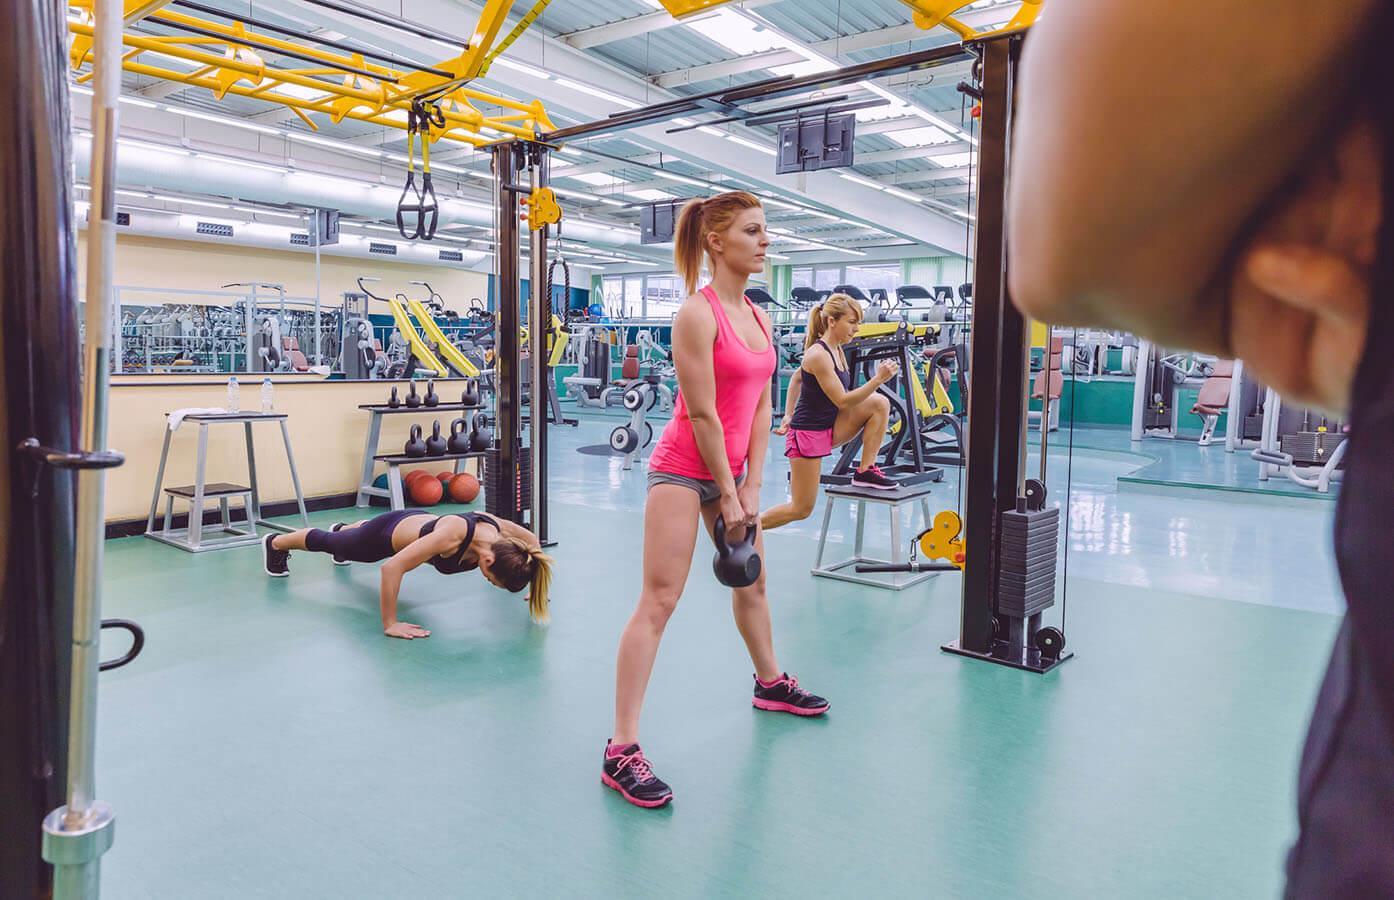 Confederazioni, Comitati e Associazioni del fitness